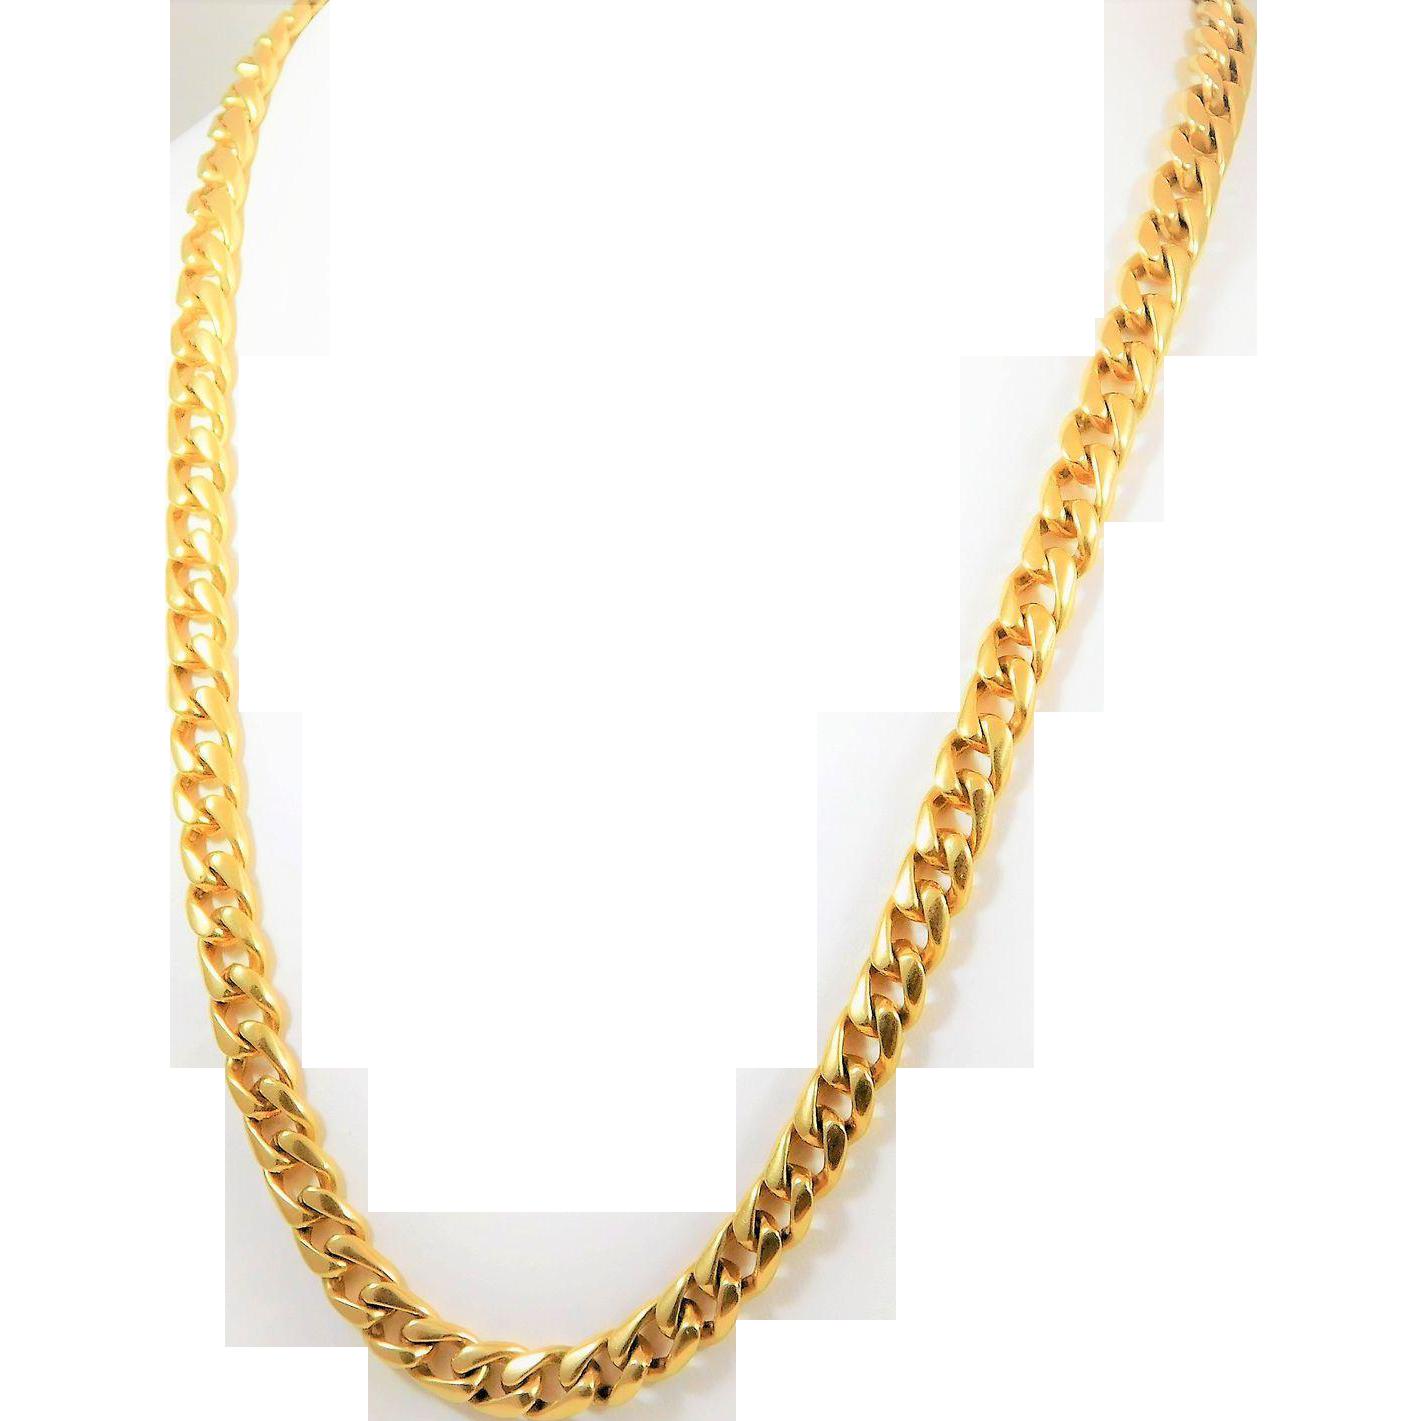 Stylish 14k Gold 7mm 21inch Fancy Curb Link Chain Edberg